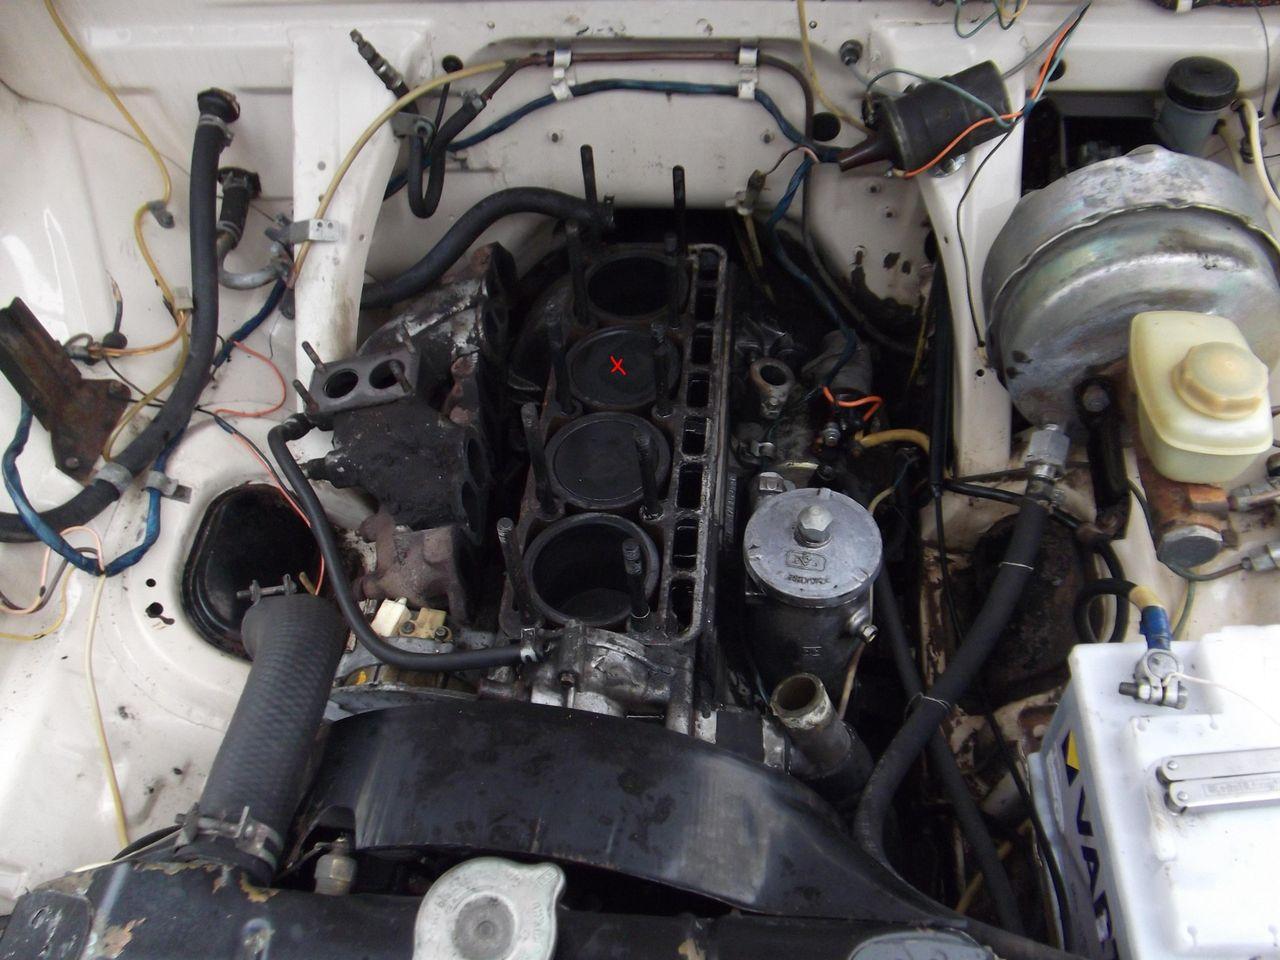 dvigatel-zmz-402-tehnicheskie-harakteristiki-poryadok-raboty-cilindrov-img_5e96dc4eab9dd.jpg